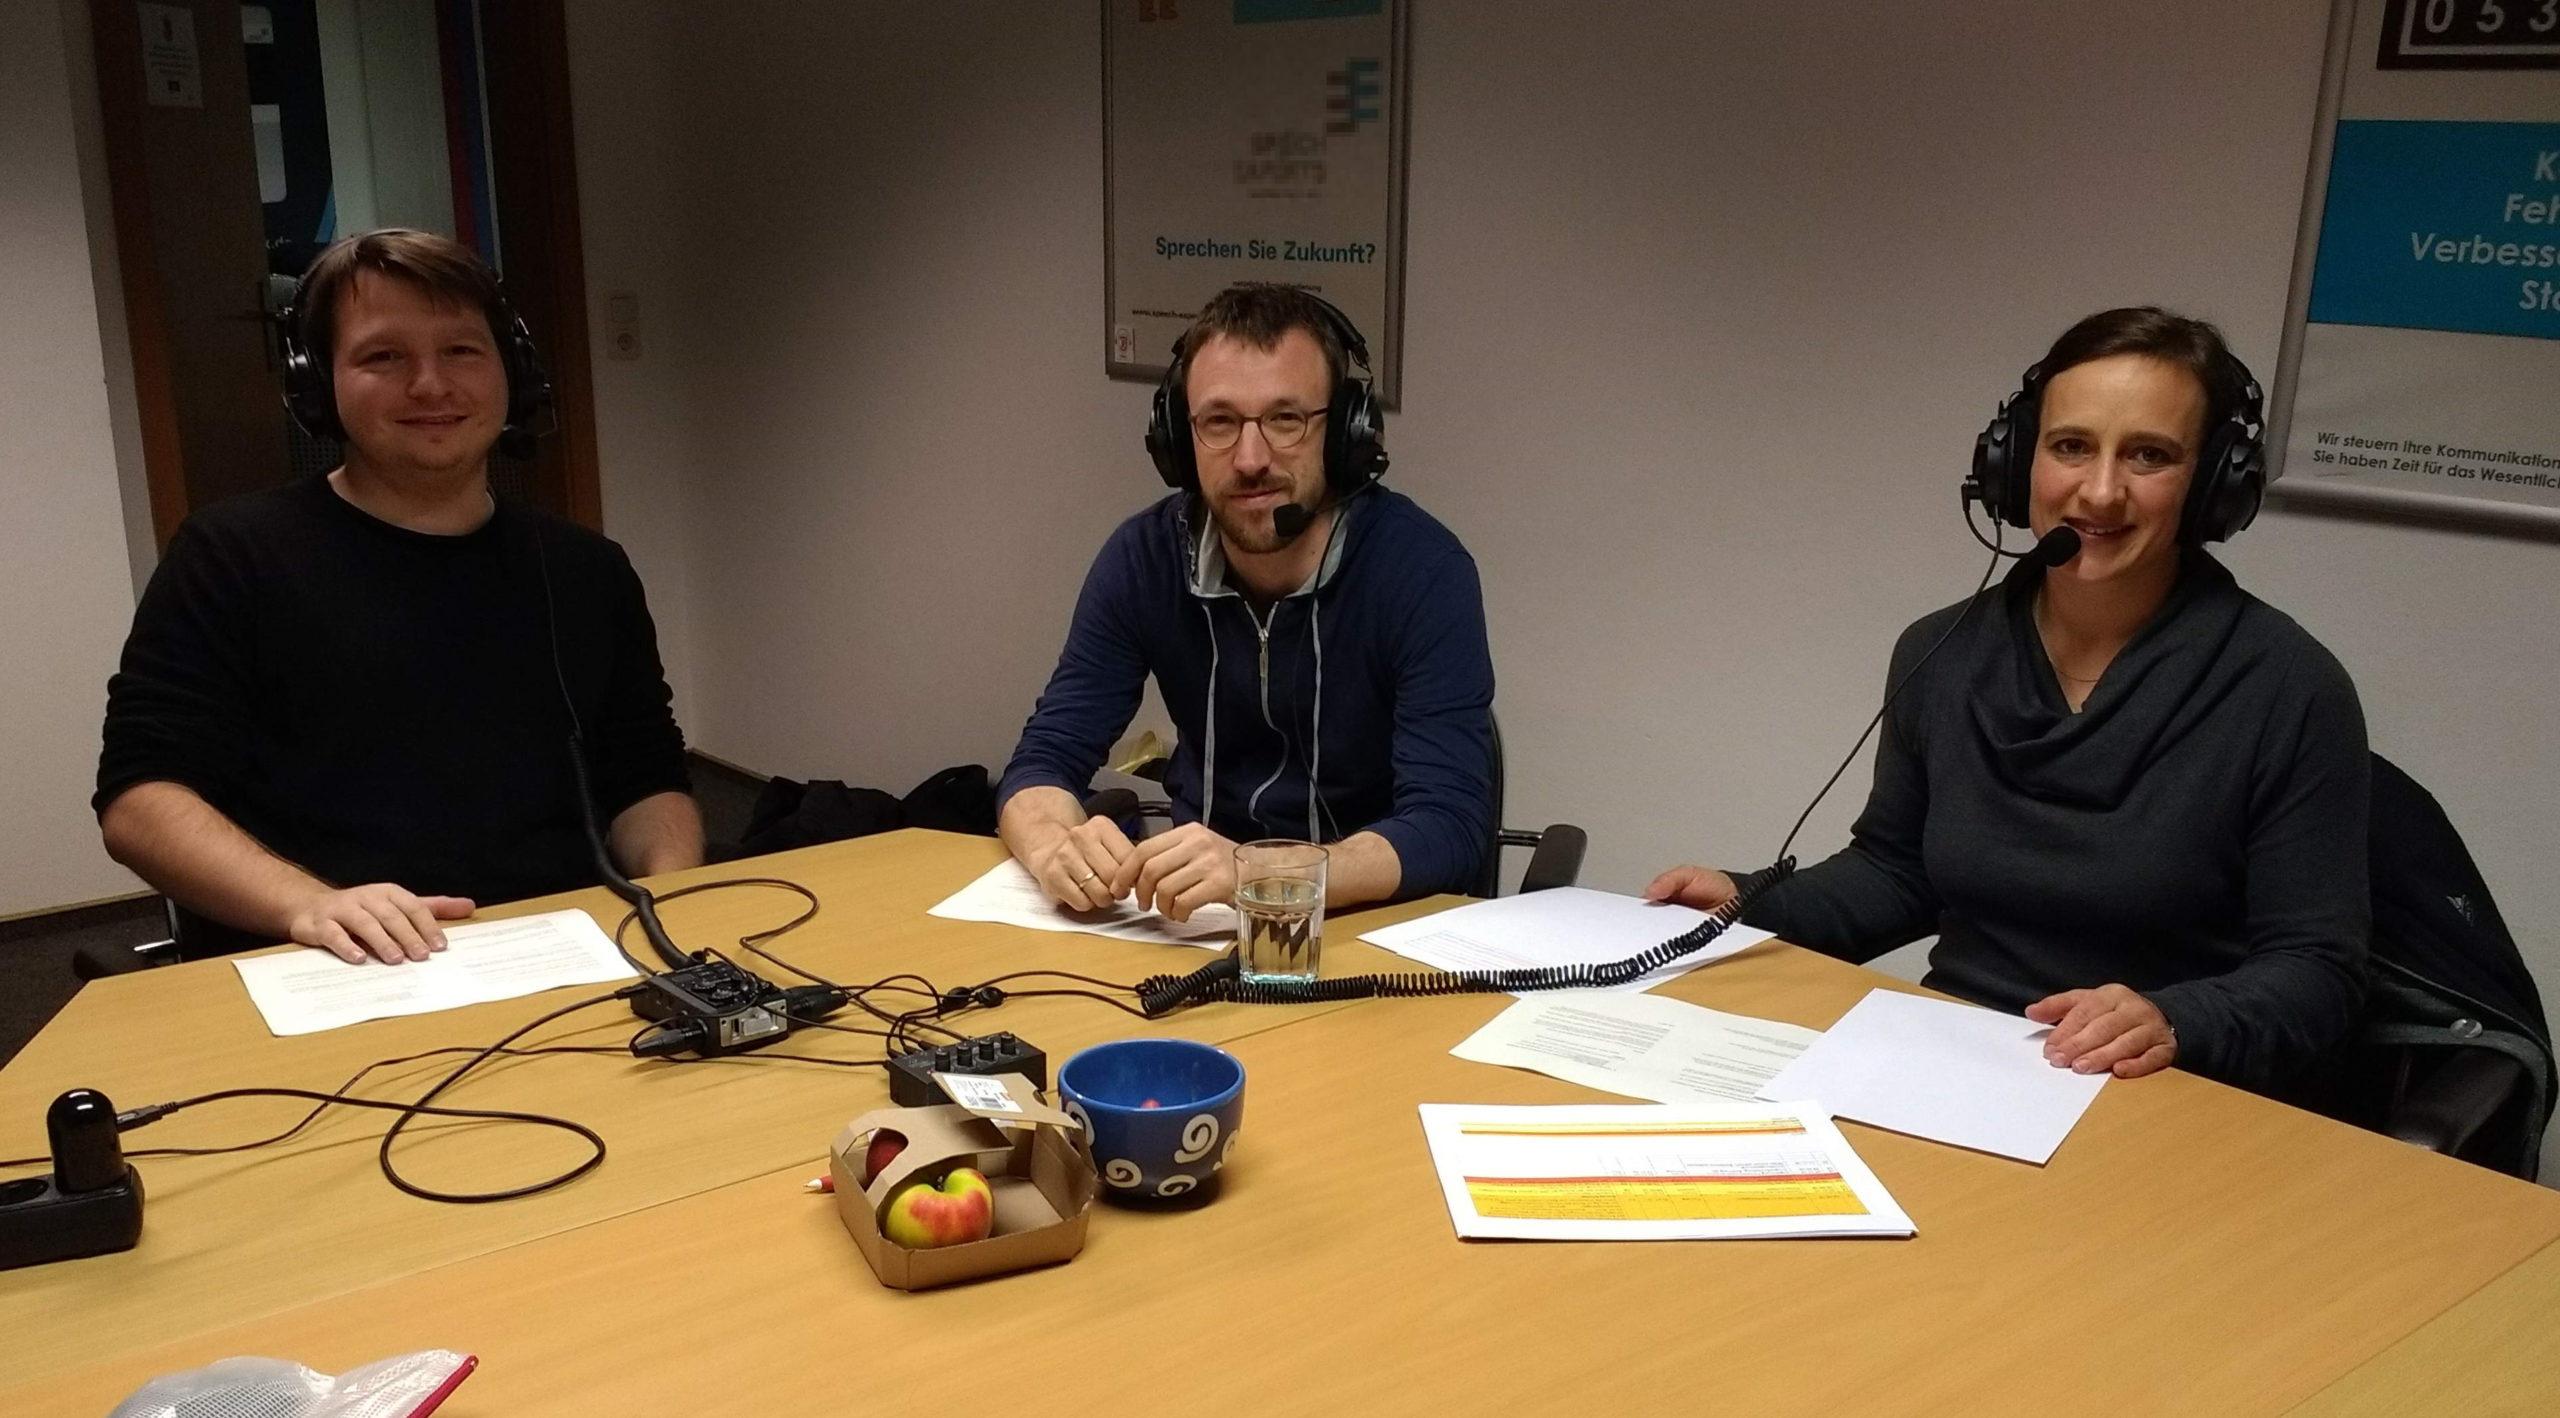 ÖDP Podcast mit Astrid, Benedikt und Robert